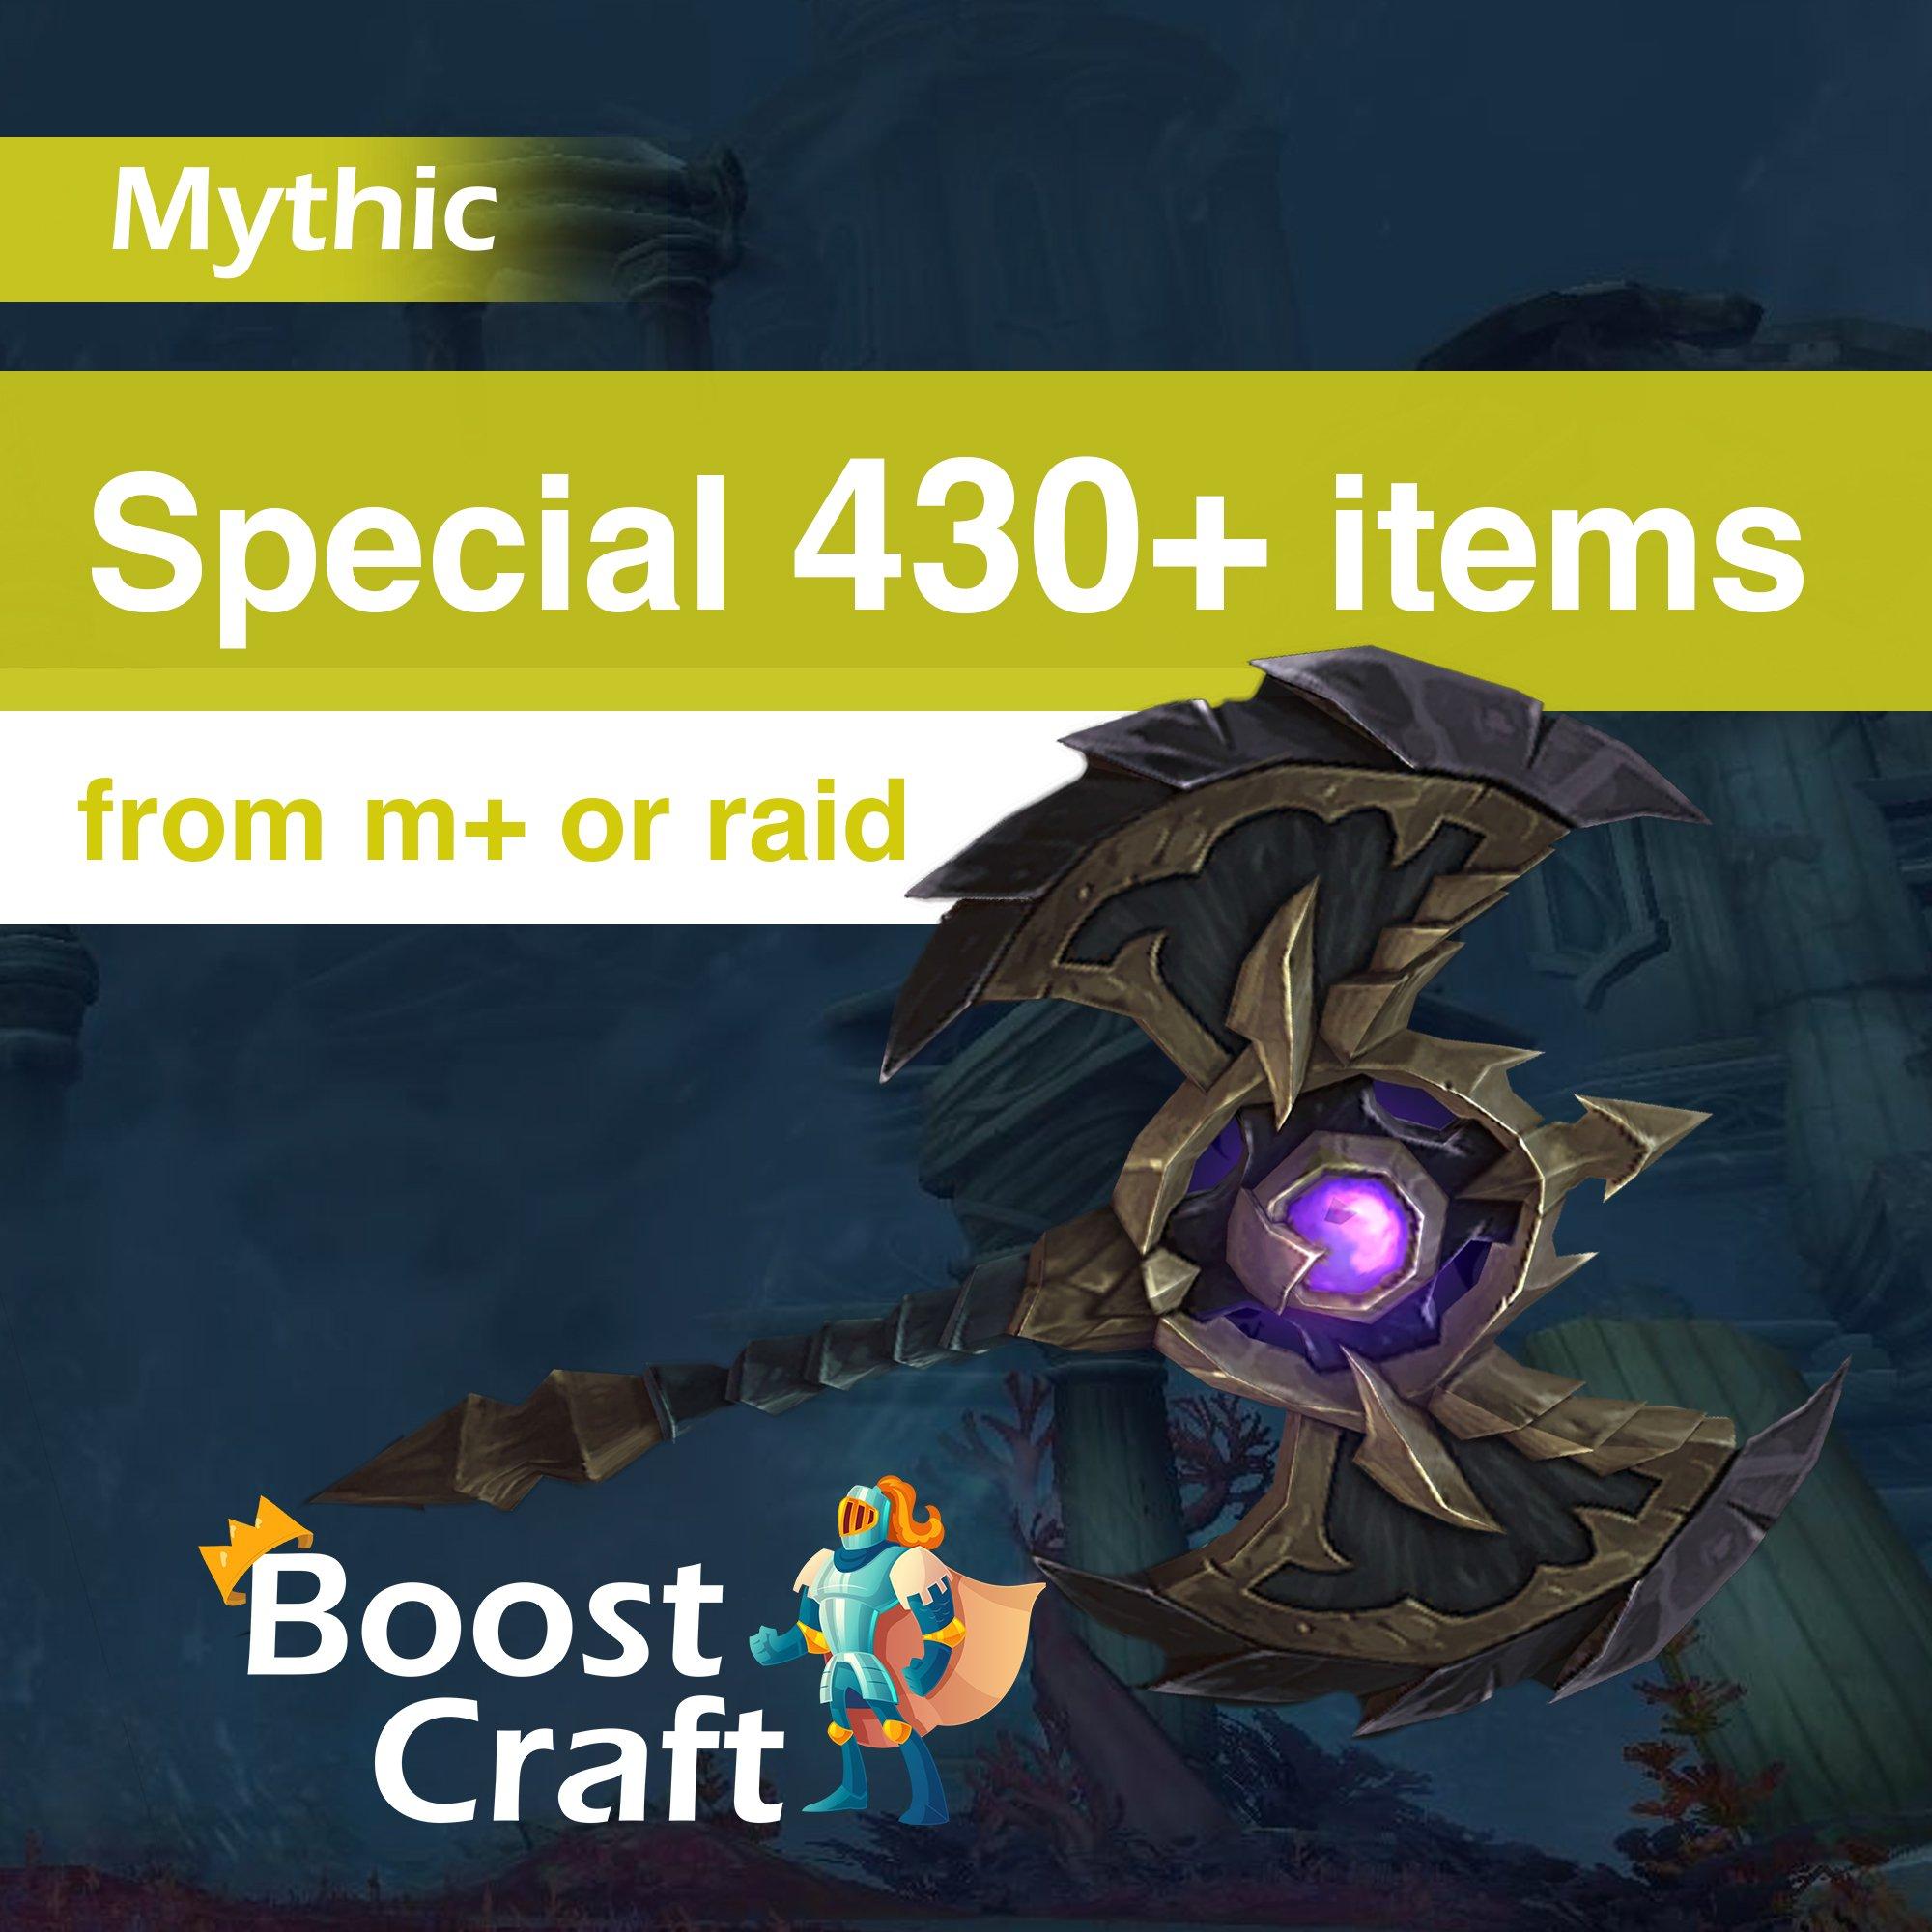 Special (target) 430+ ilvl item – Boost